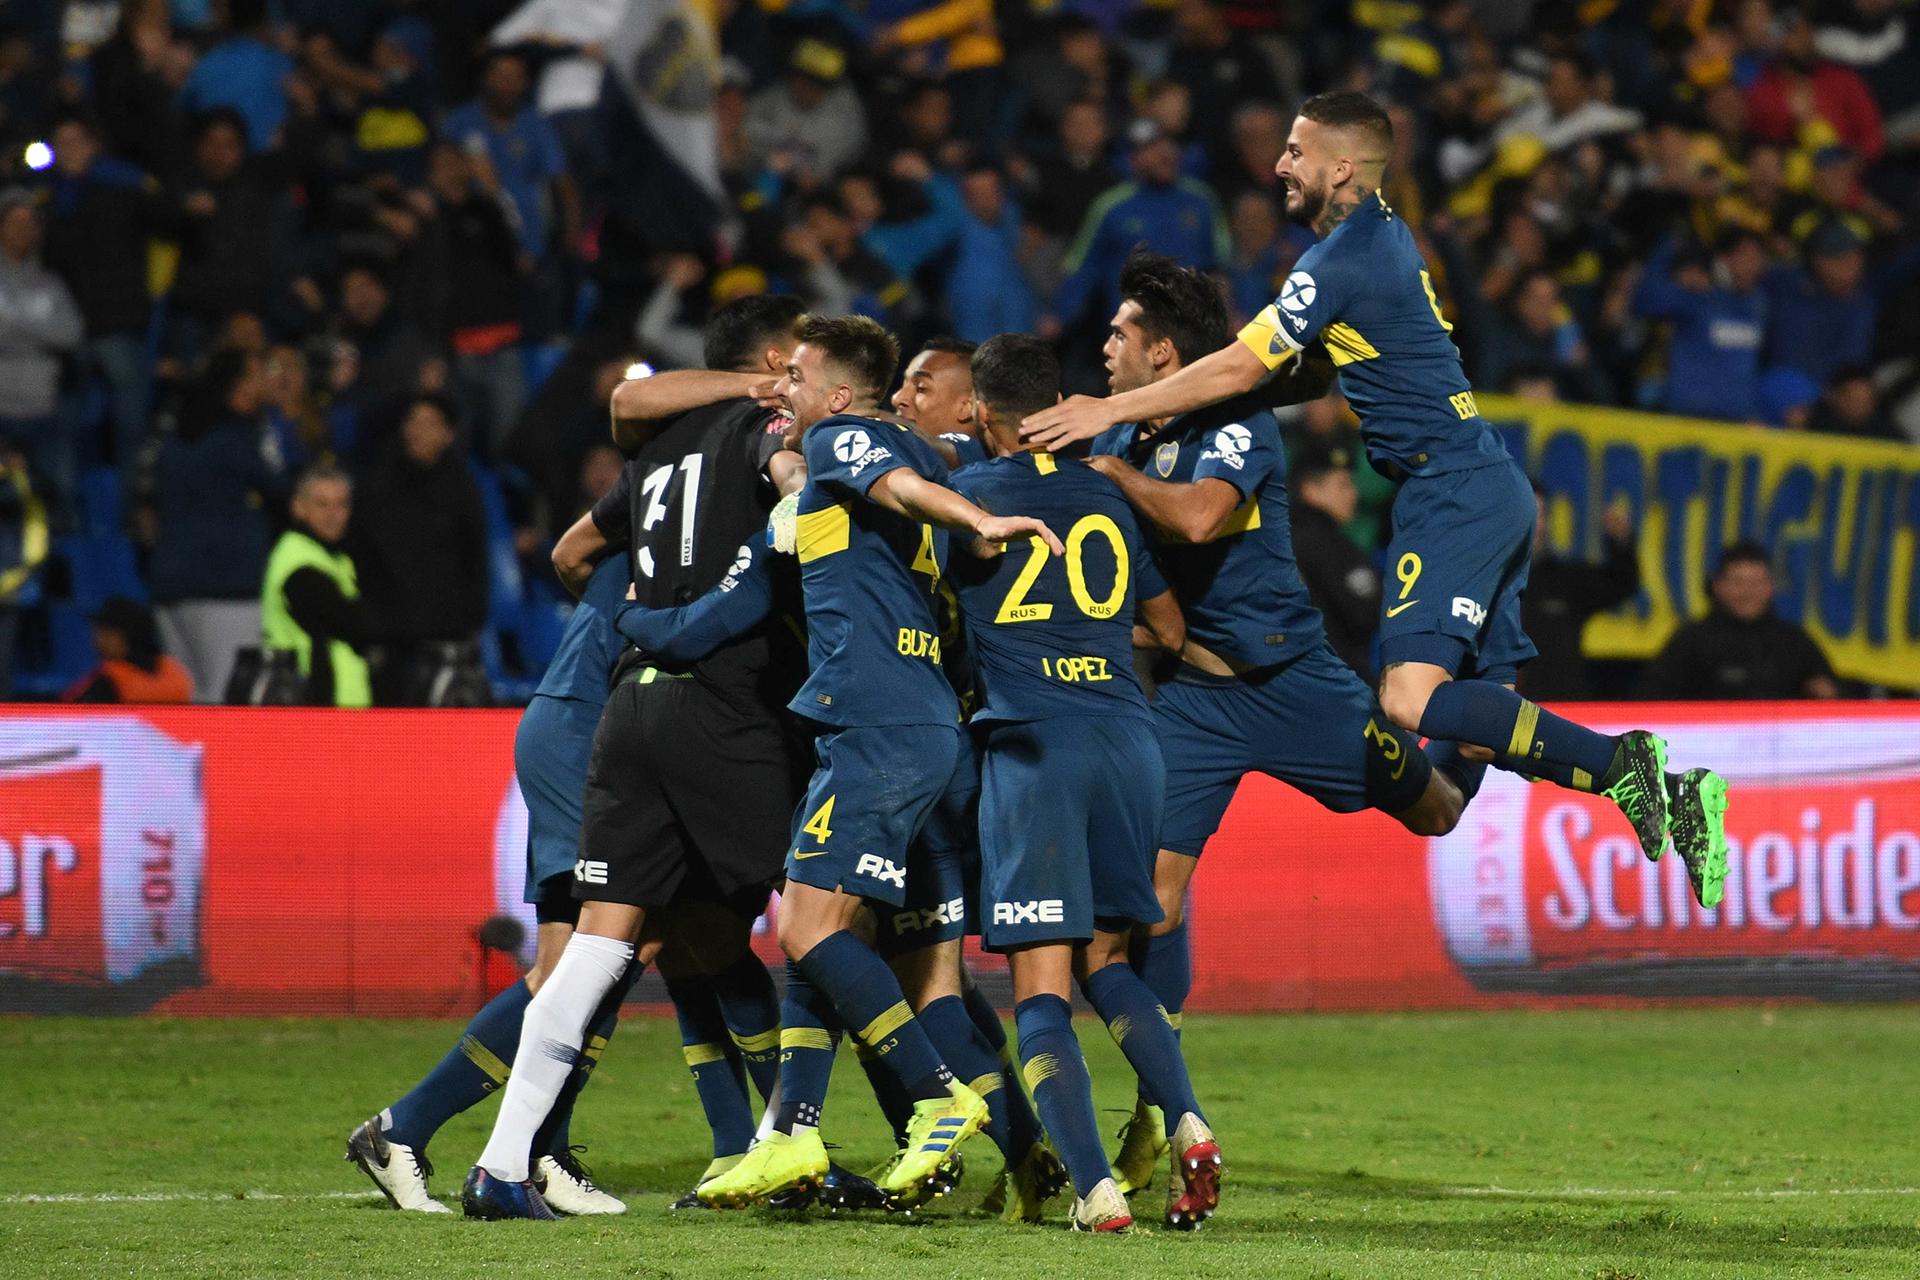 El instante de la explosión. Izquierdoz ya convirtió su penal: Boca se queda con la Supercopa que se le había negado tres veces (Foto: Télam)